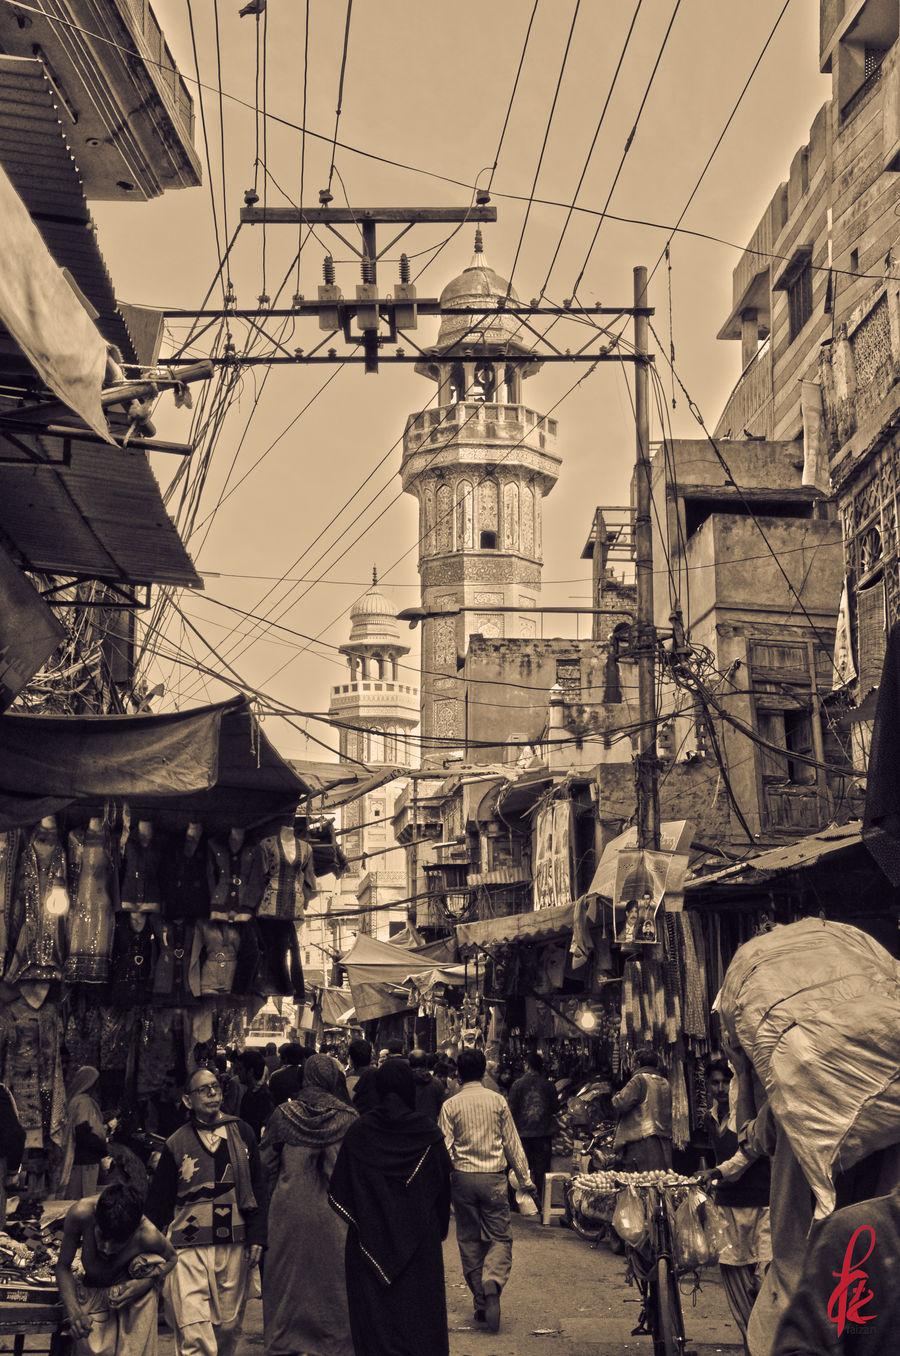 Mosque Wazir Khan